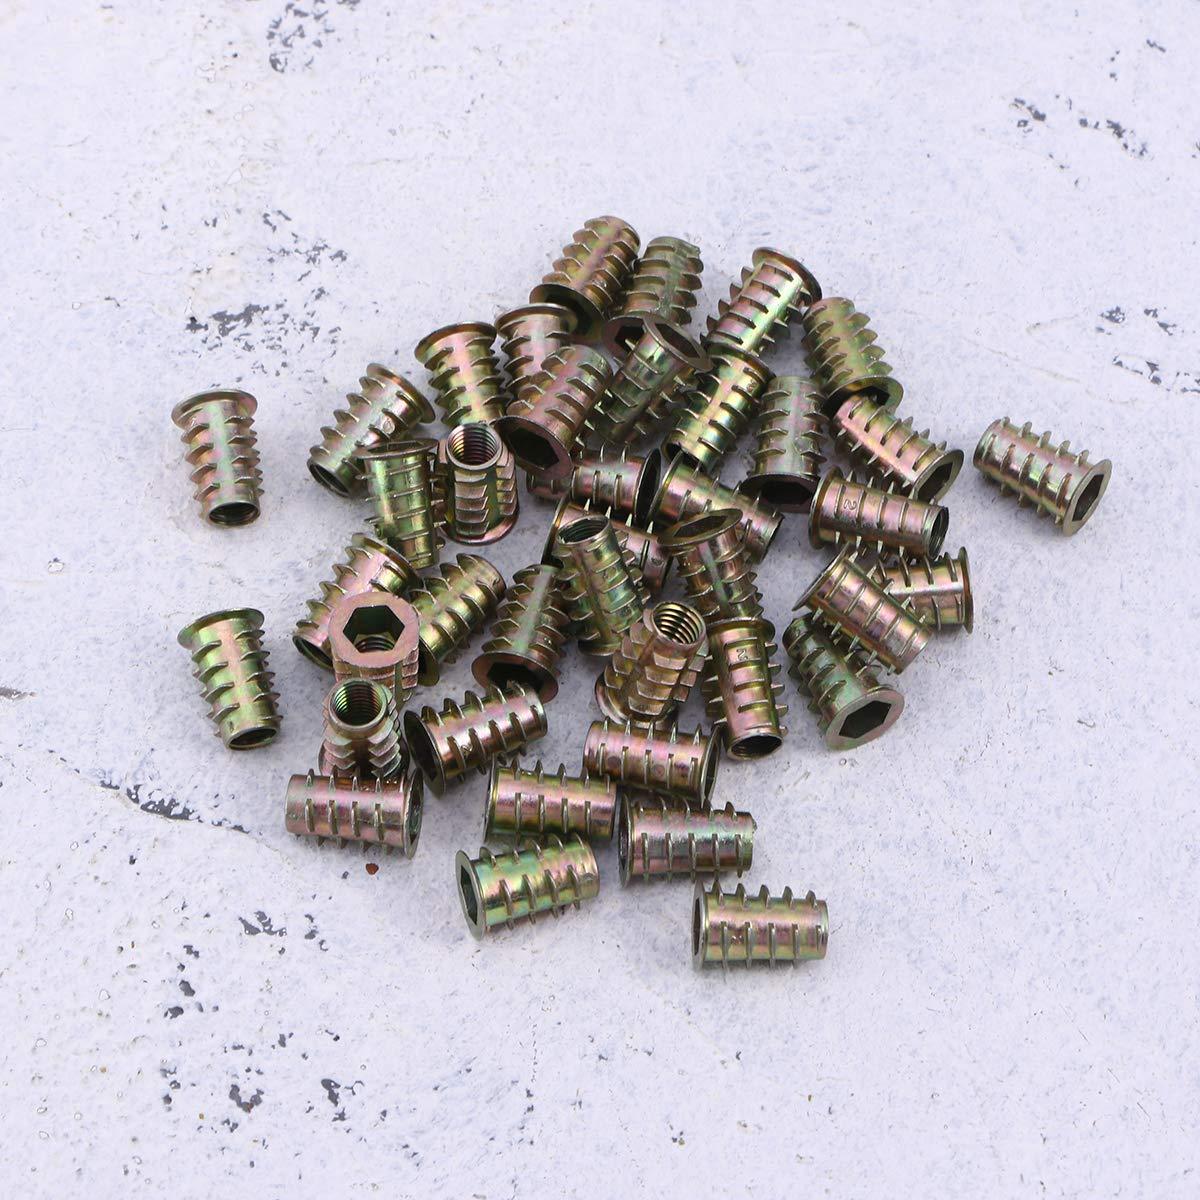 M6 * 15 mm M10 Inserto roscado Surtido de Tuercas de inserci/ón de Madera LAQI Tuerca de Unidad Hexagonal de Muebles de aleaci/ón de Zinc de 20 Piezas M6 M8